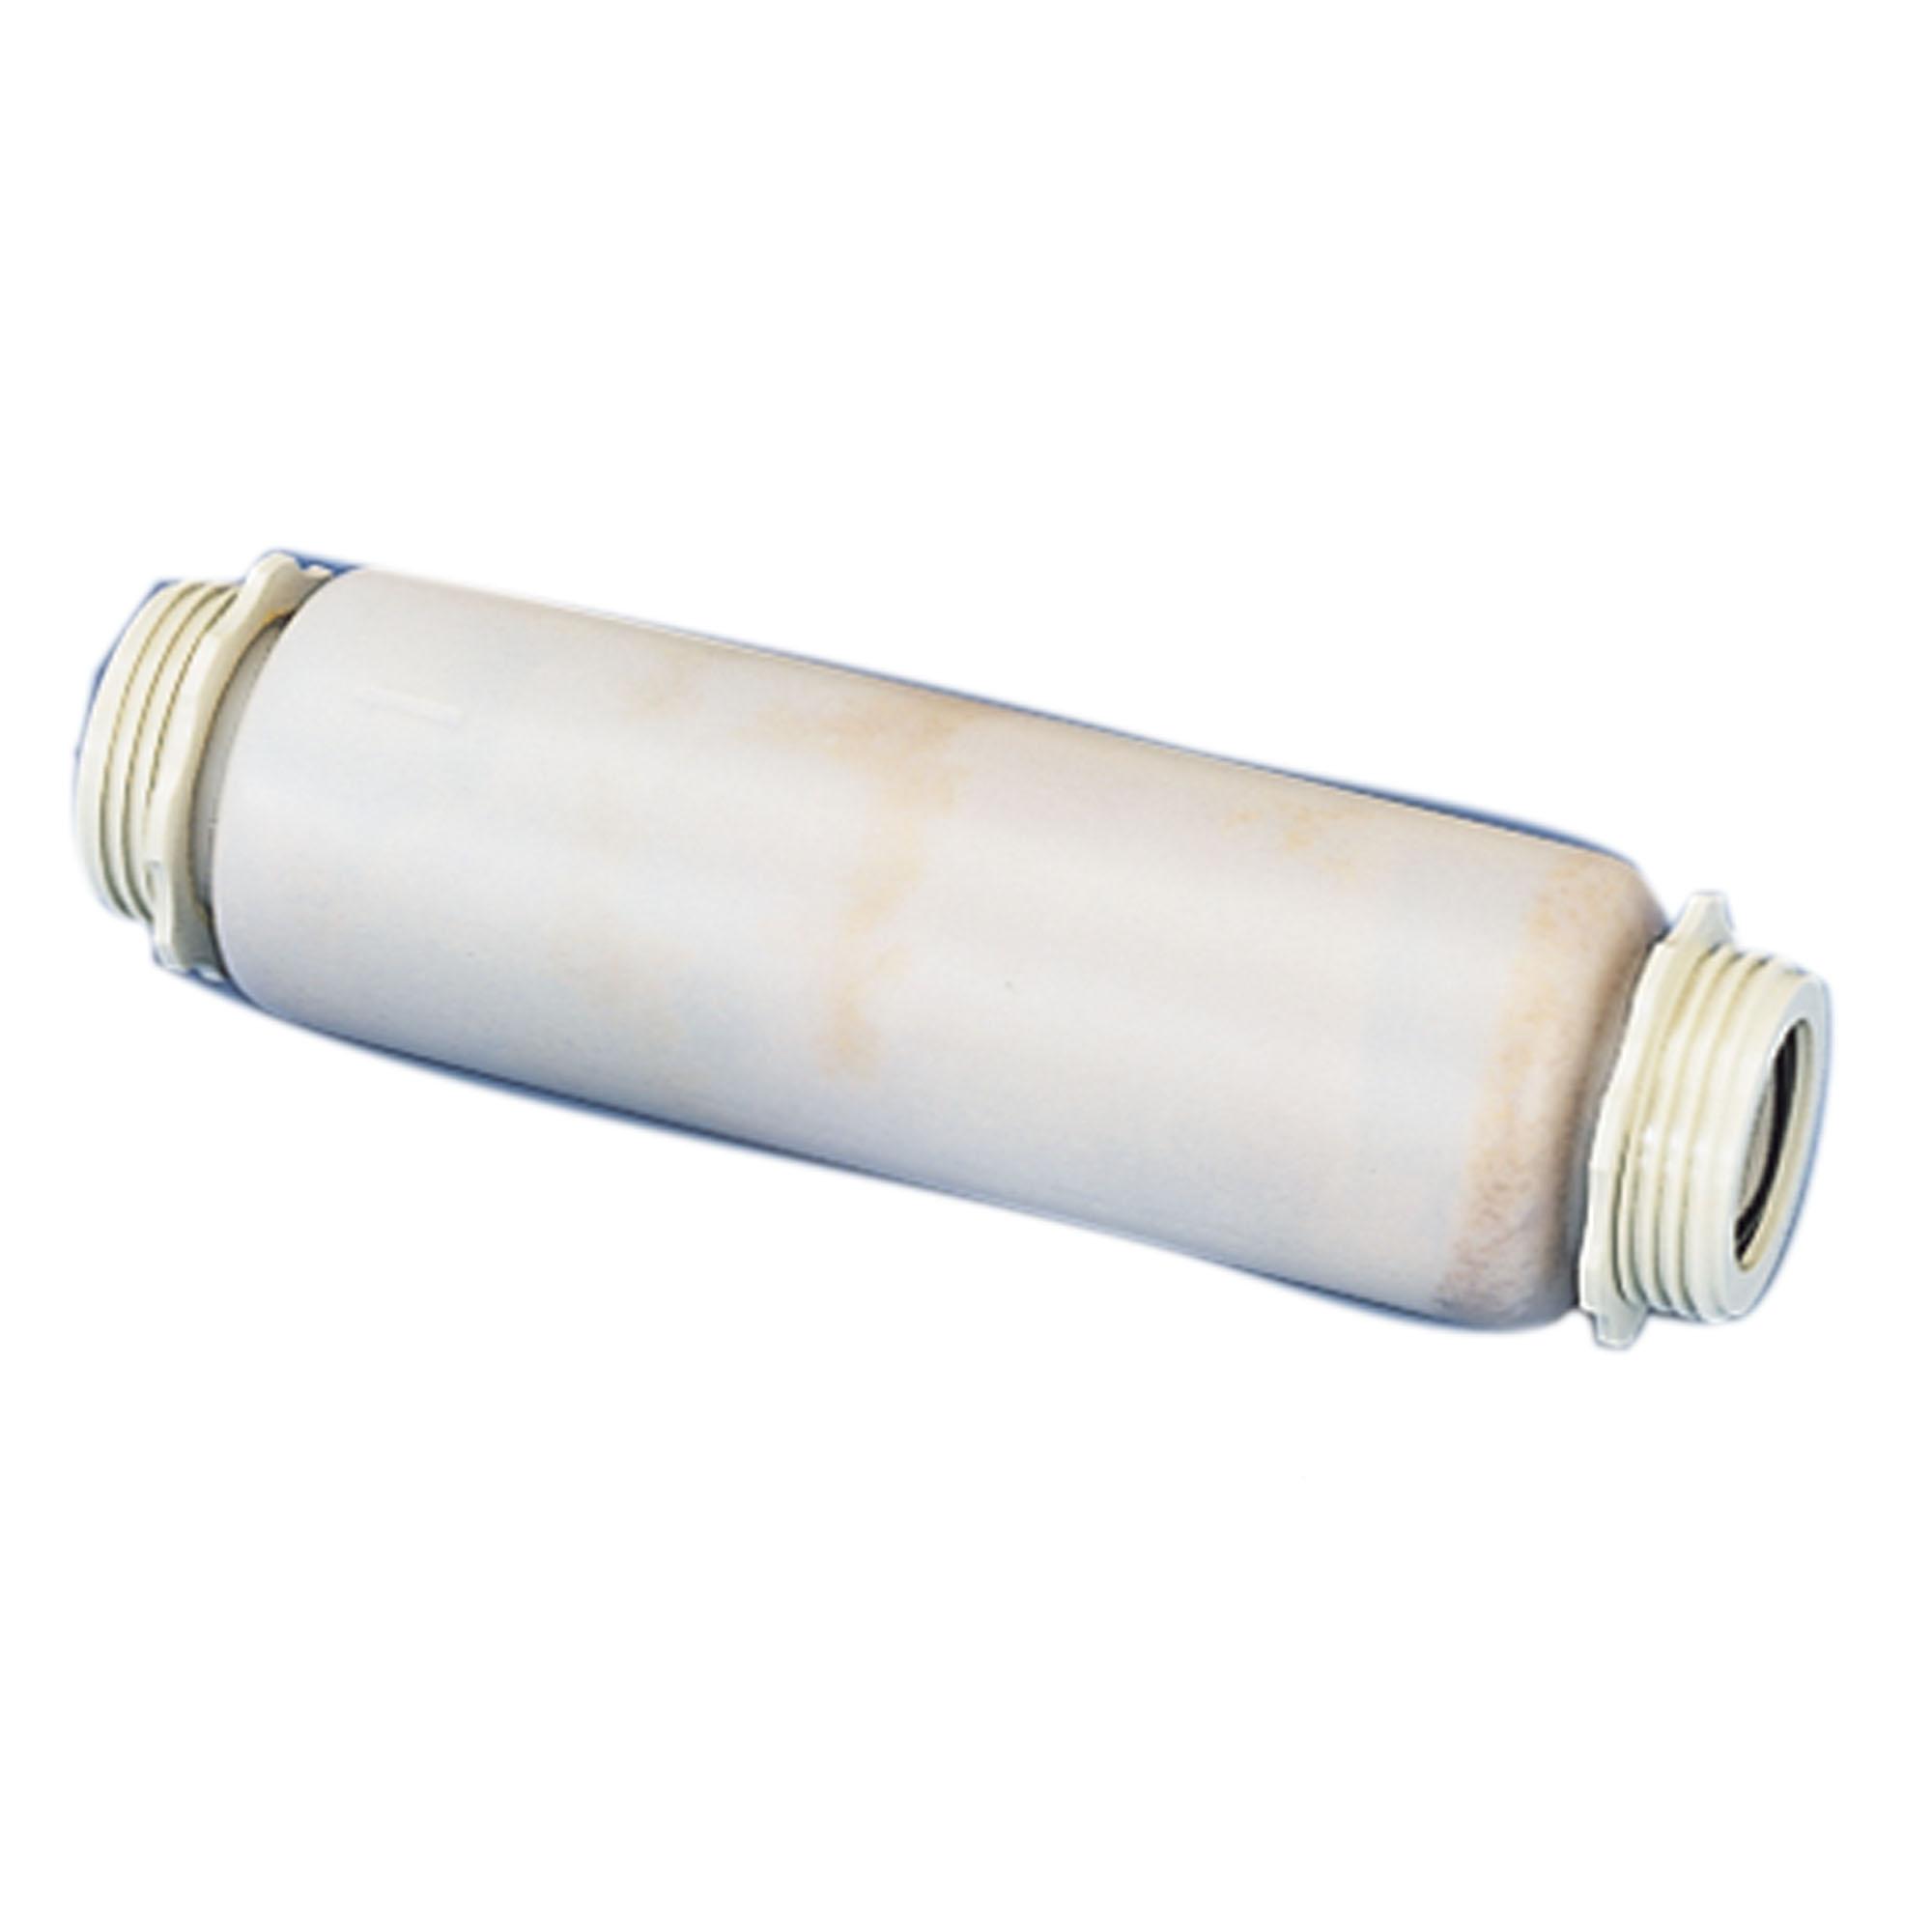 イオン交換樹脂 PP-101/102用(1本入)